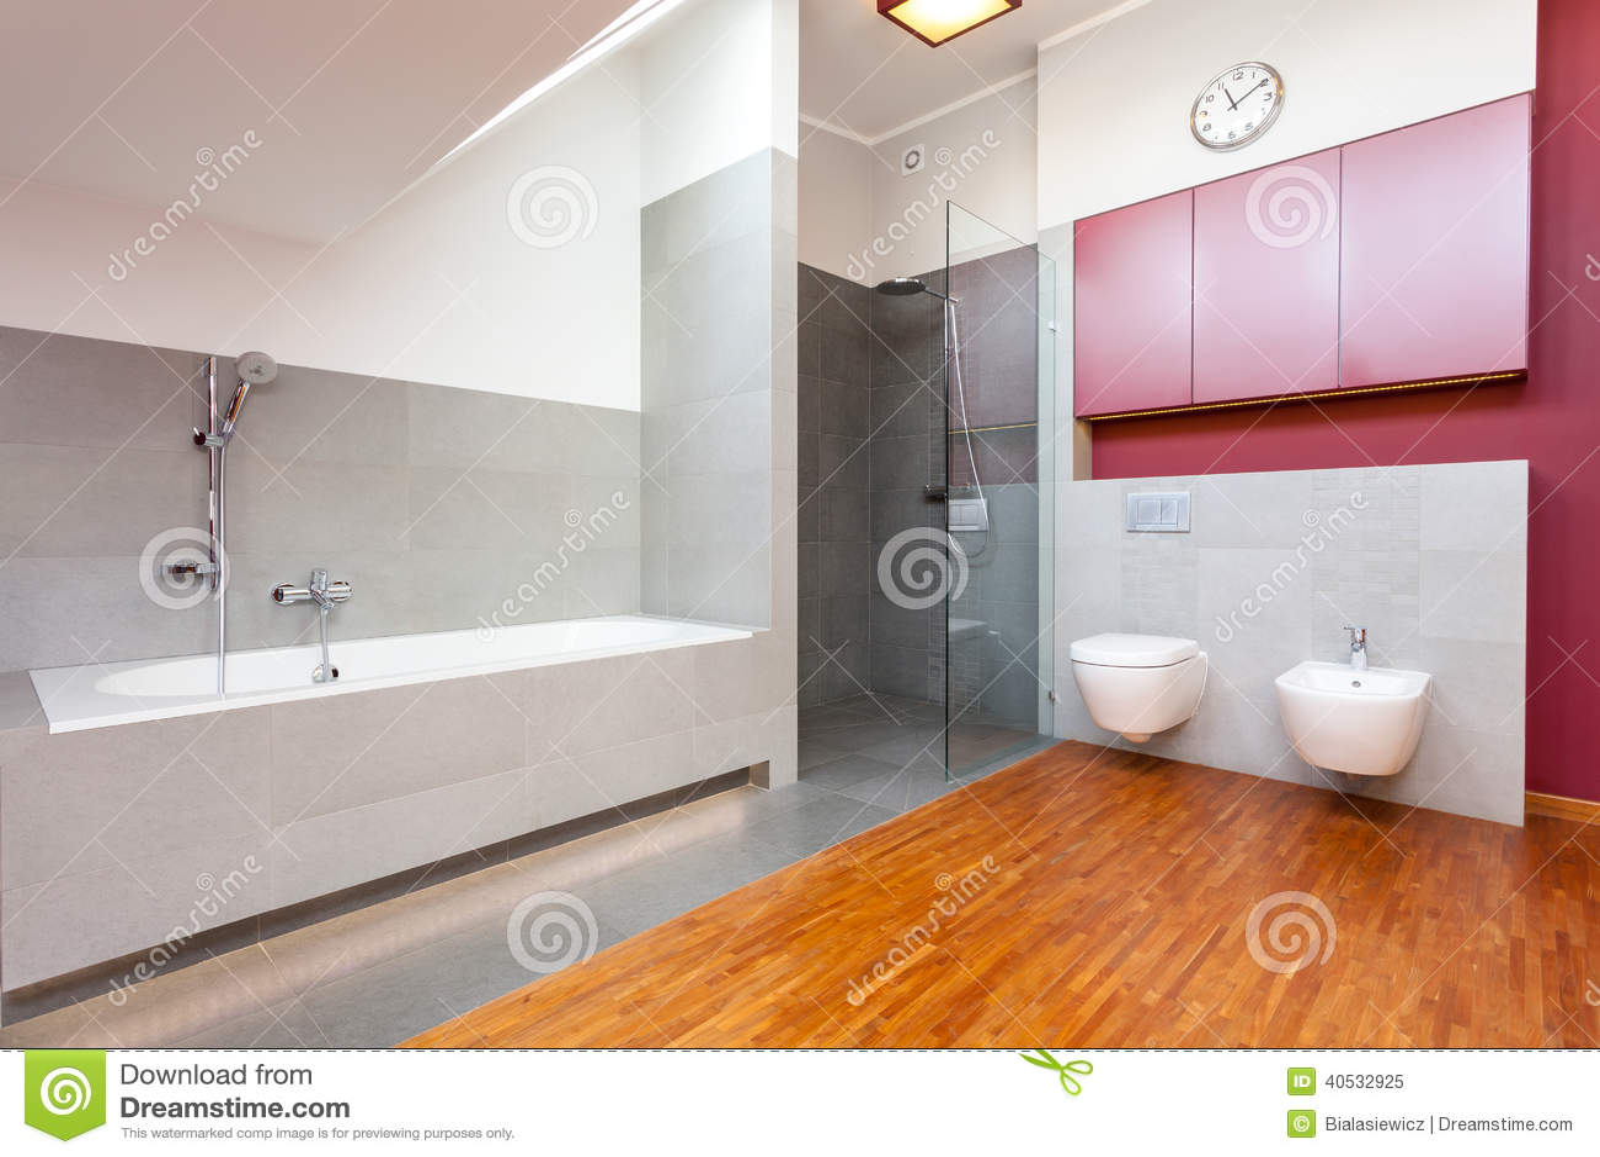 Bagno moderno rosso e grigio fotografia stock immagine - Bagno moderno grigio ...